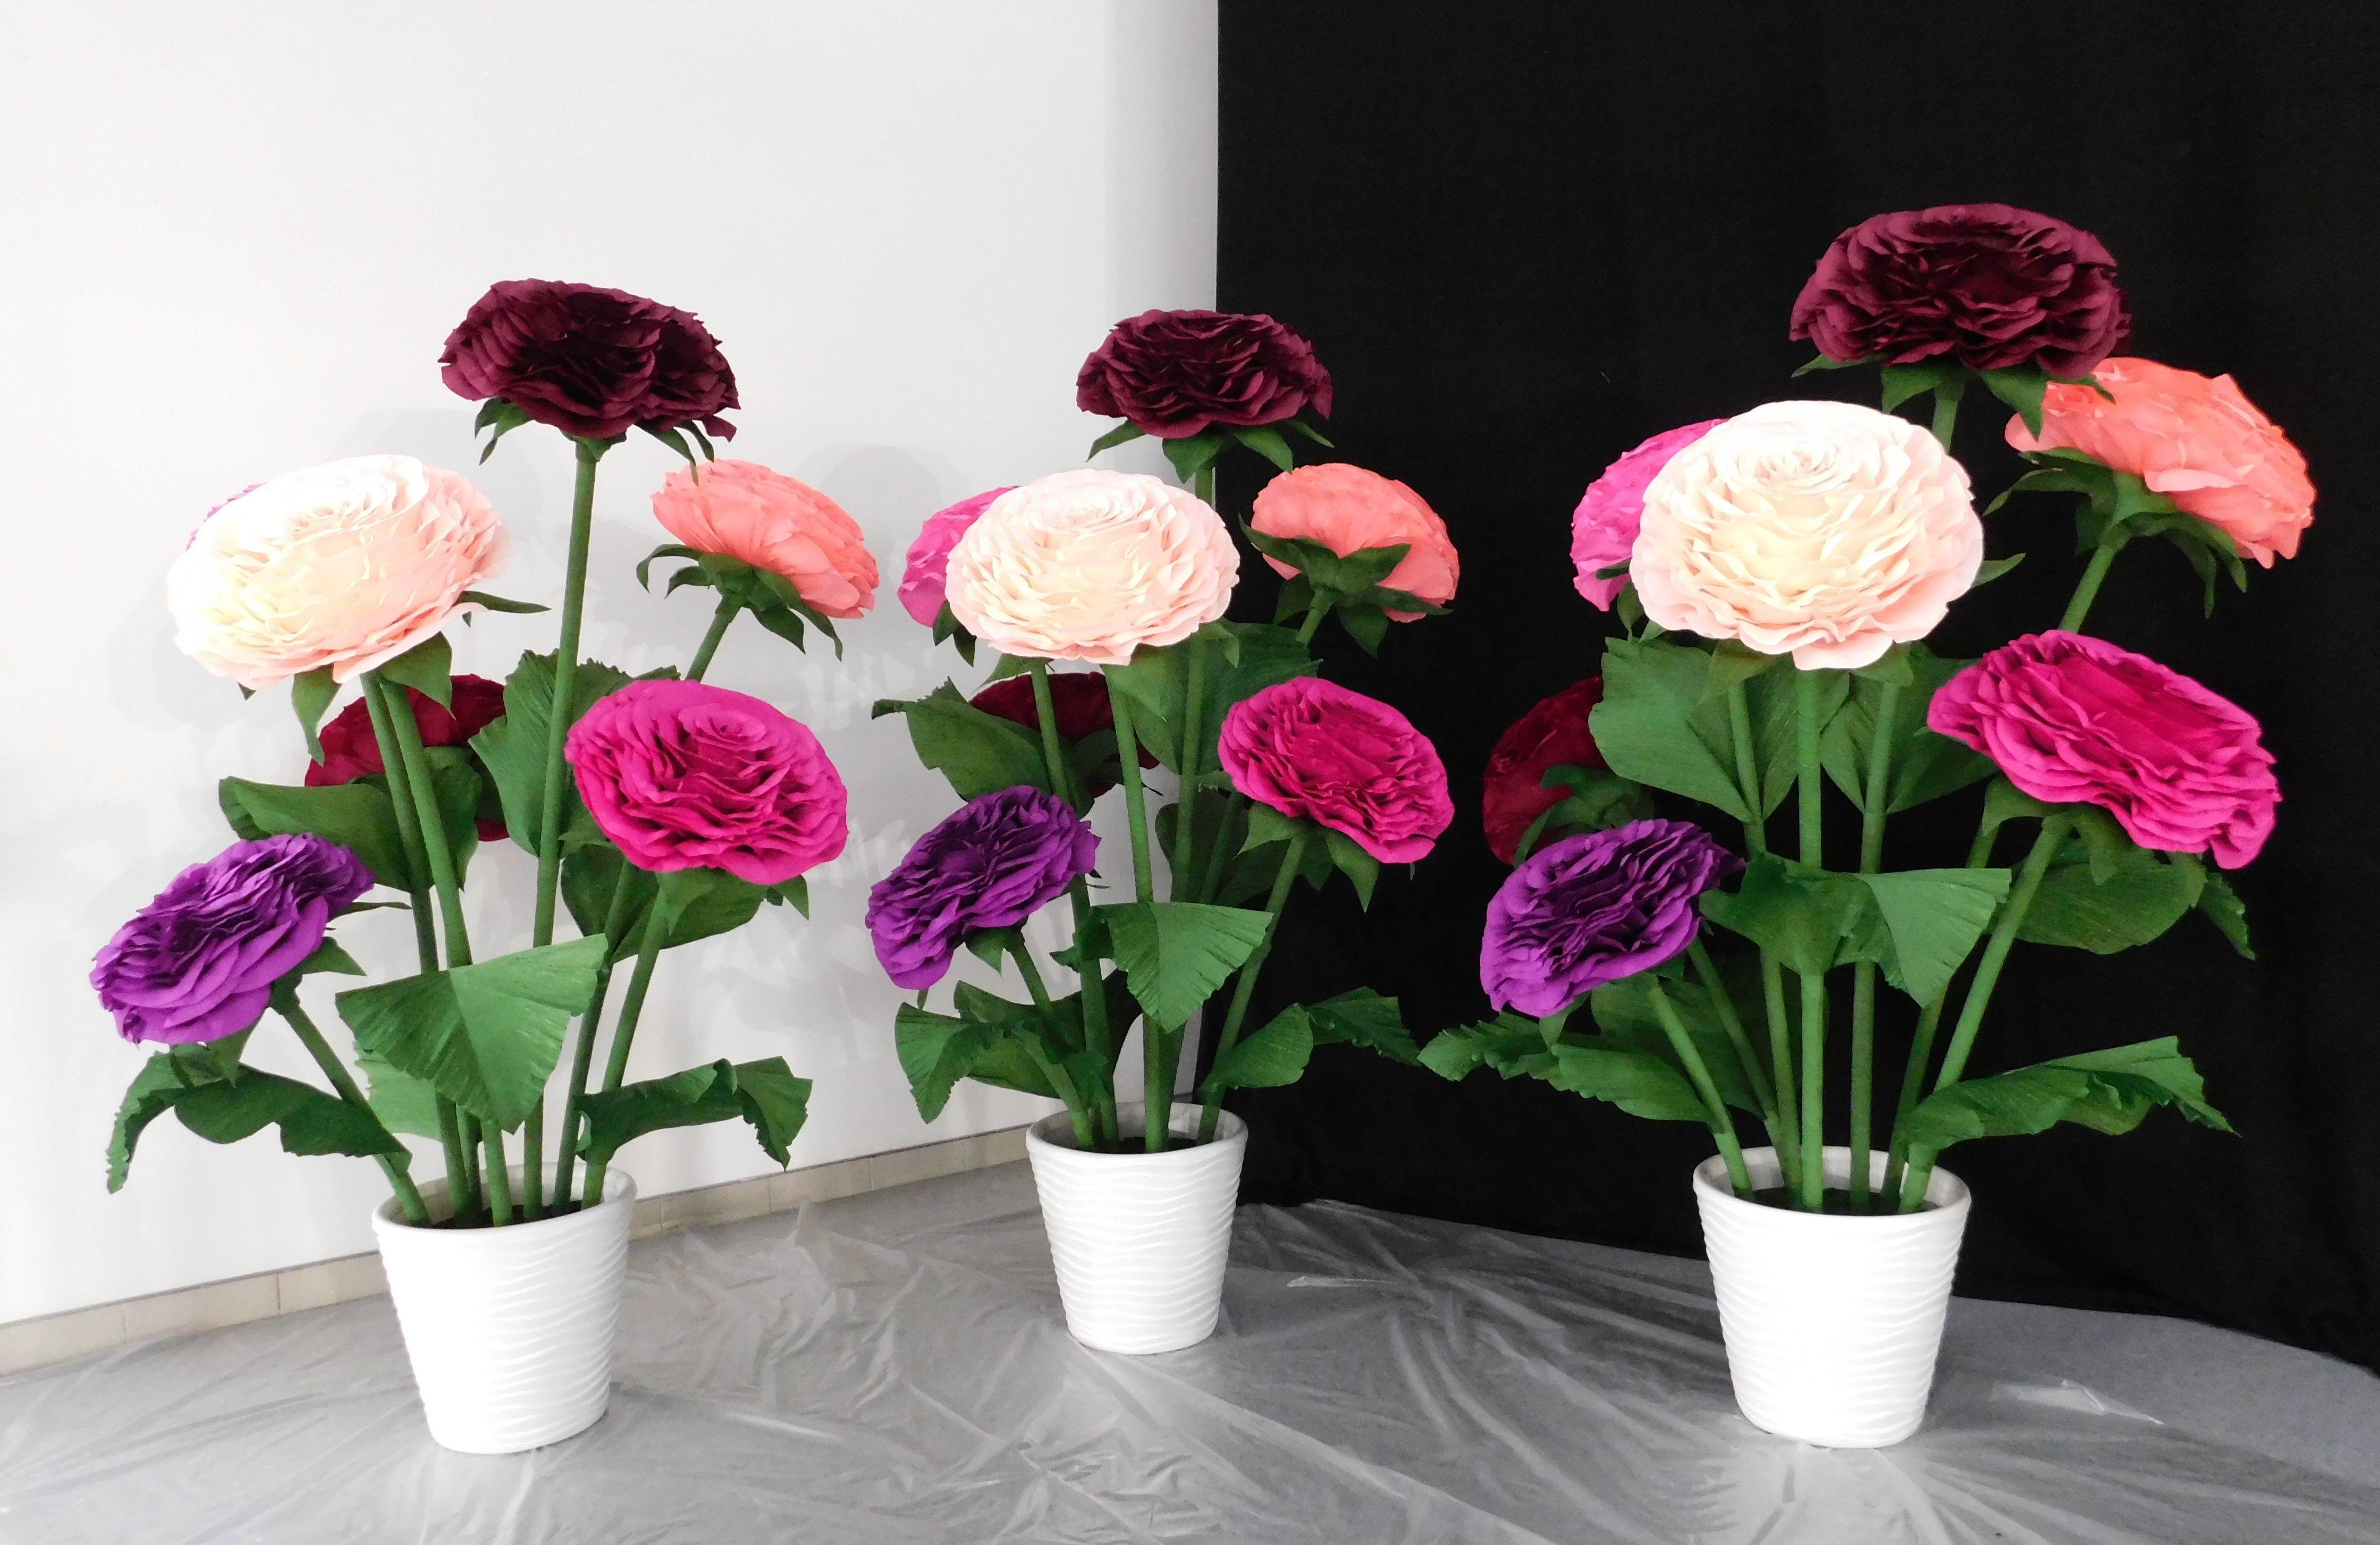 Giant Flowers Kwiaty Giganty Wielkie Kwiaty Crepe Flowers Giant Flowers Wedding Decorations Flowers